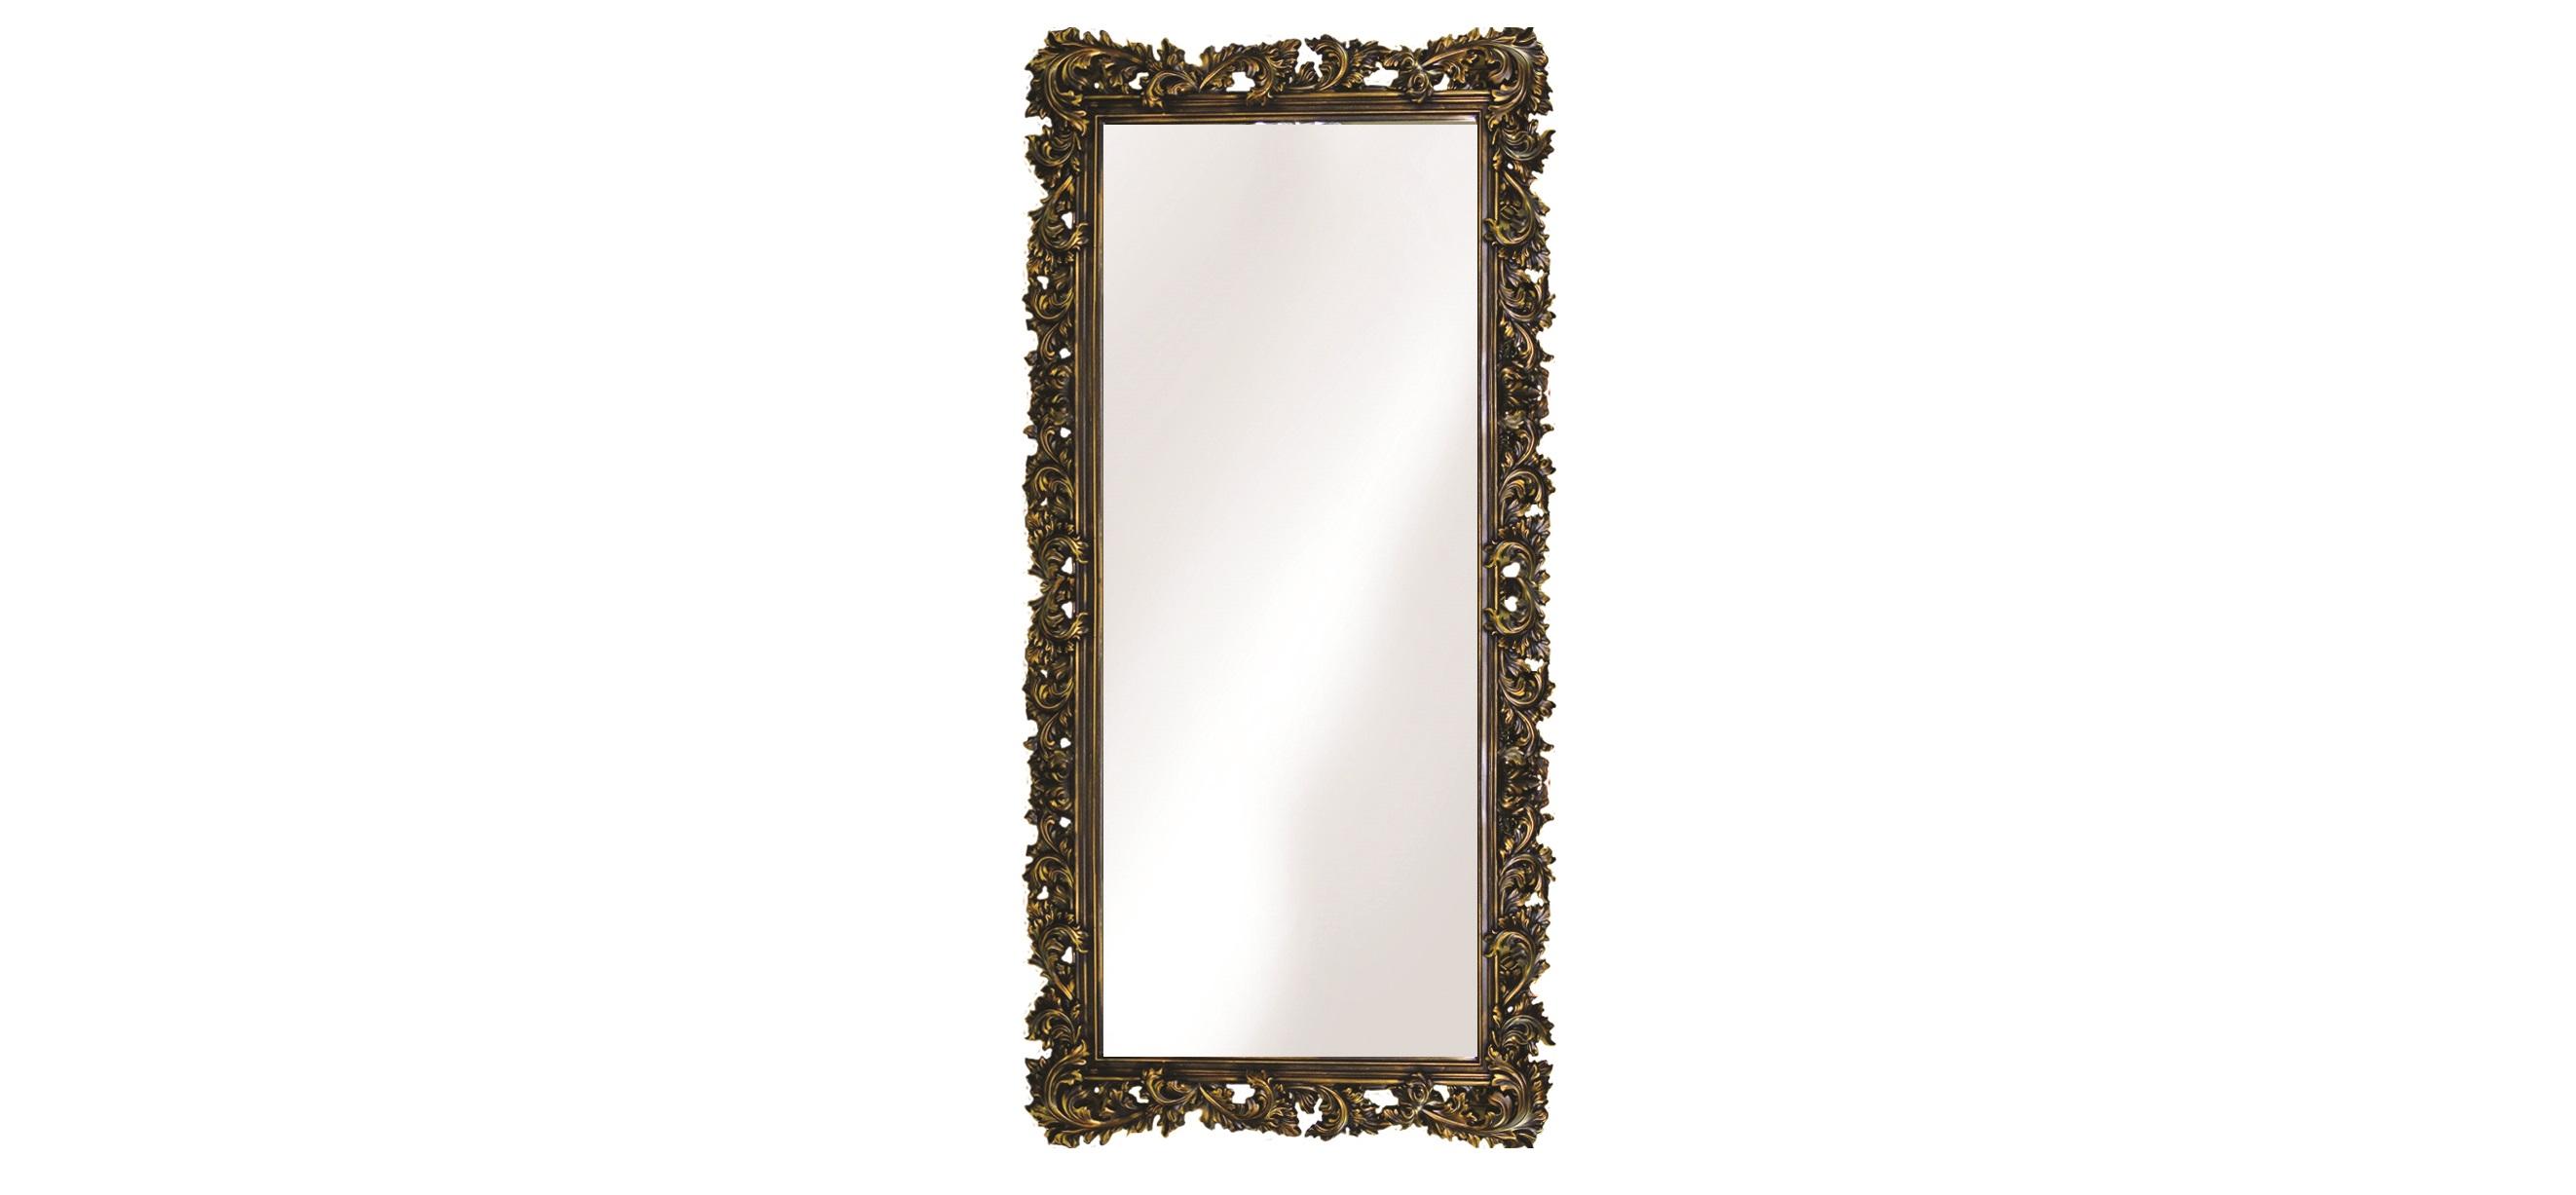 Большое зеркало в резном багетеНастенные зеркала<br>&amp;lt;div&amp;gt;Зеркало &amp;quot;во весь рост&amp;quot; — важный атрибут любого дома. А для интерьера в стиле неоклассика, французский шик или строгая Англия оно должно быть особенным. Резная рама — как подлинник искусства, со сложным окрашиванием и непременным винтажным эффектом. Багет изготовлен из современного пенополиуретана, очень прочного композита, имитирующего и древесину, и кованный металл. Используемые краски, воски и другие материалы экологически безопасны и не содержат токсичных примесей, не боятся влаги.&amp;lt;/div&amp;gt;&amp;lt;div&amp;gt;&amp;lt;br&amp;gt;&amp;lt;/div&amp;gt;&amp;lt;div&amp;gt;&amp;lt;div&amp;gt;Цвет:&amp;amp;nbsp;Венге Золото&amp;lt;/div&amp;gt;&amp;lt;/div&amp;gt;<br><br>Material: Полиуретан<br>Length см: None<br>Width см: 88<br>Depth см: 4<br>Height см: 180